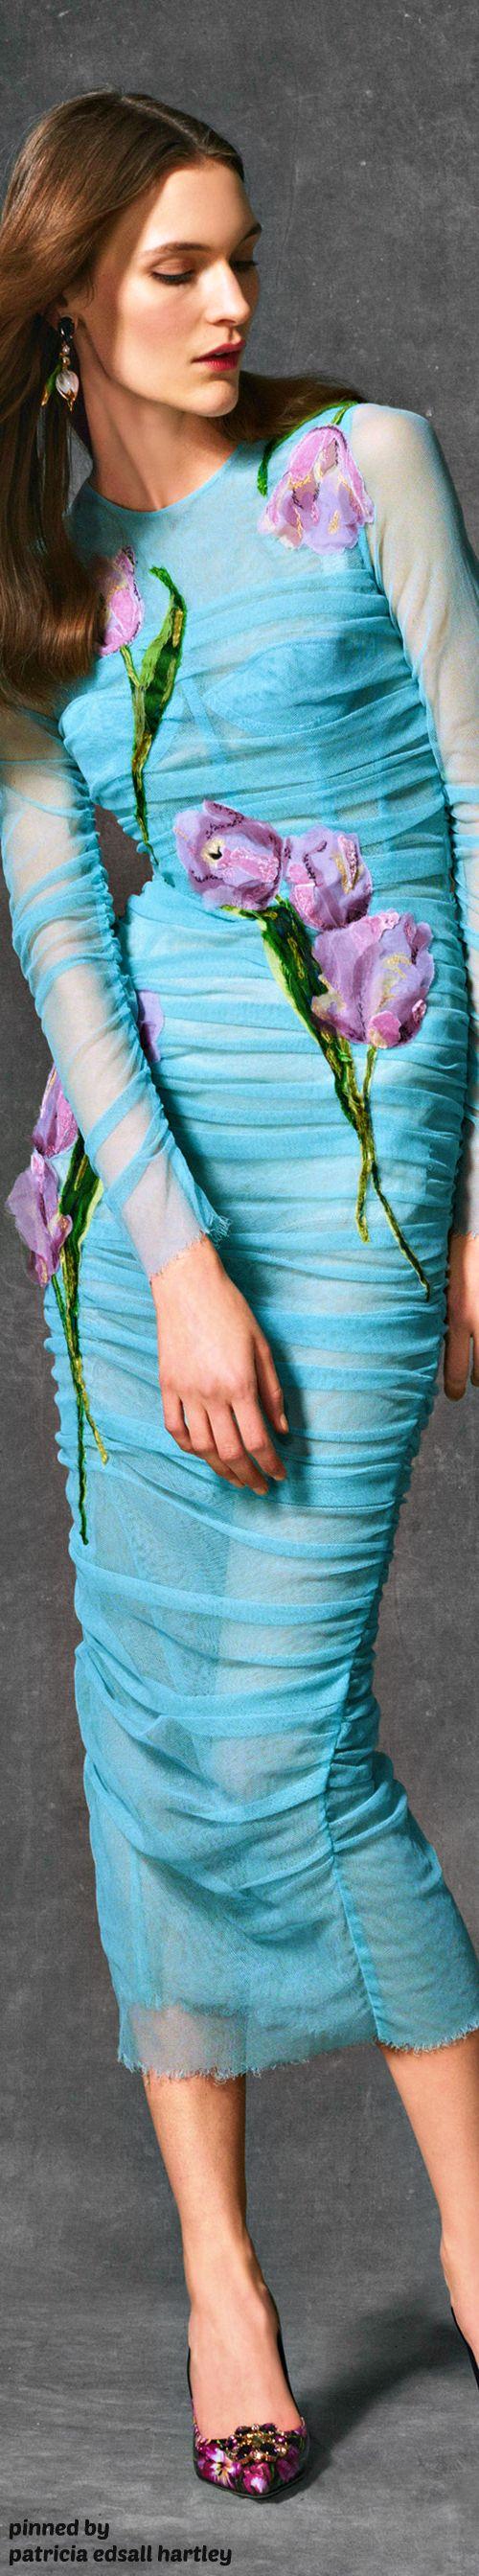 Trajes De Baño Color Turquesa: Traje Color Aguamarina en Pinterest